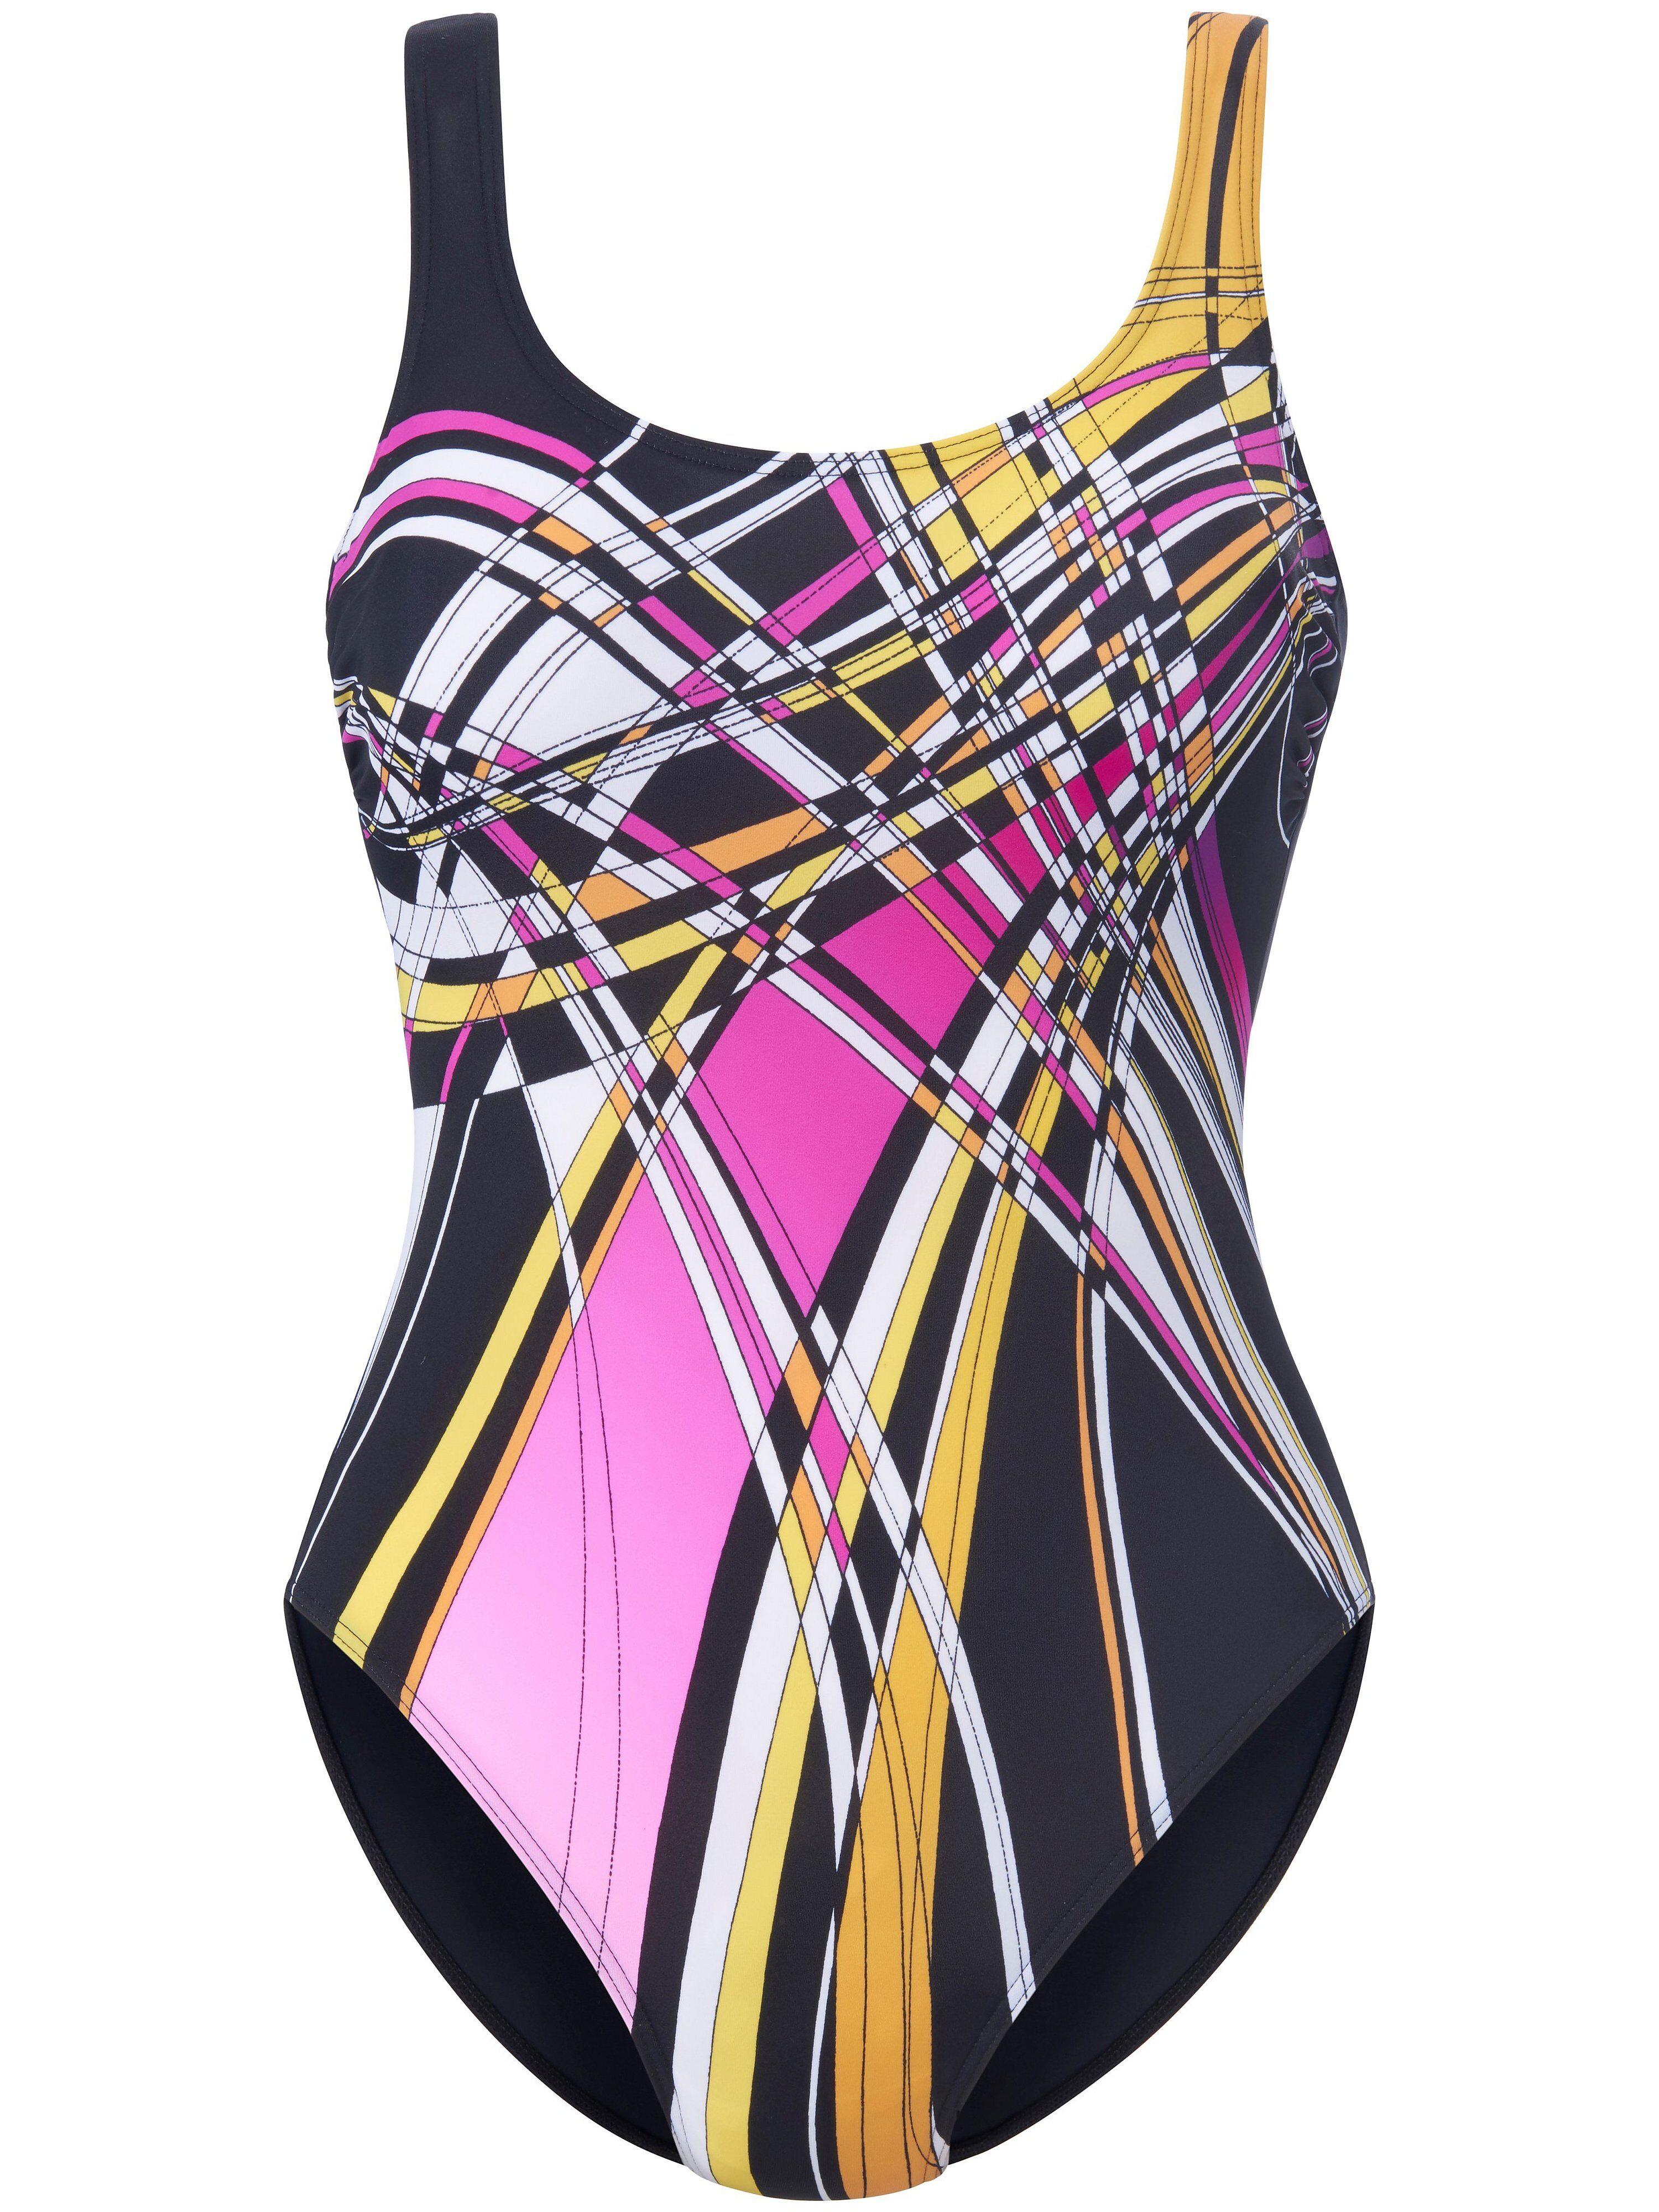 Sunmarin Le maillot bain avec imprimé graphique devant  Sunmarin noir  - Femme - 40